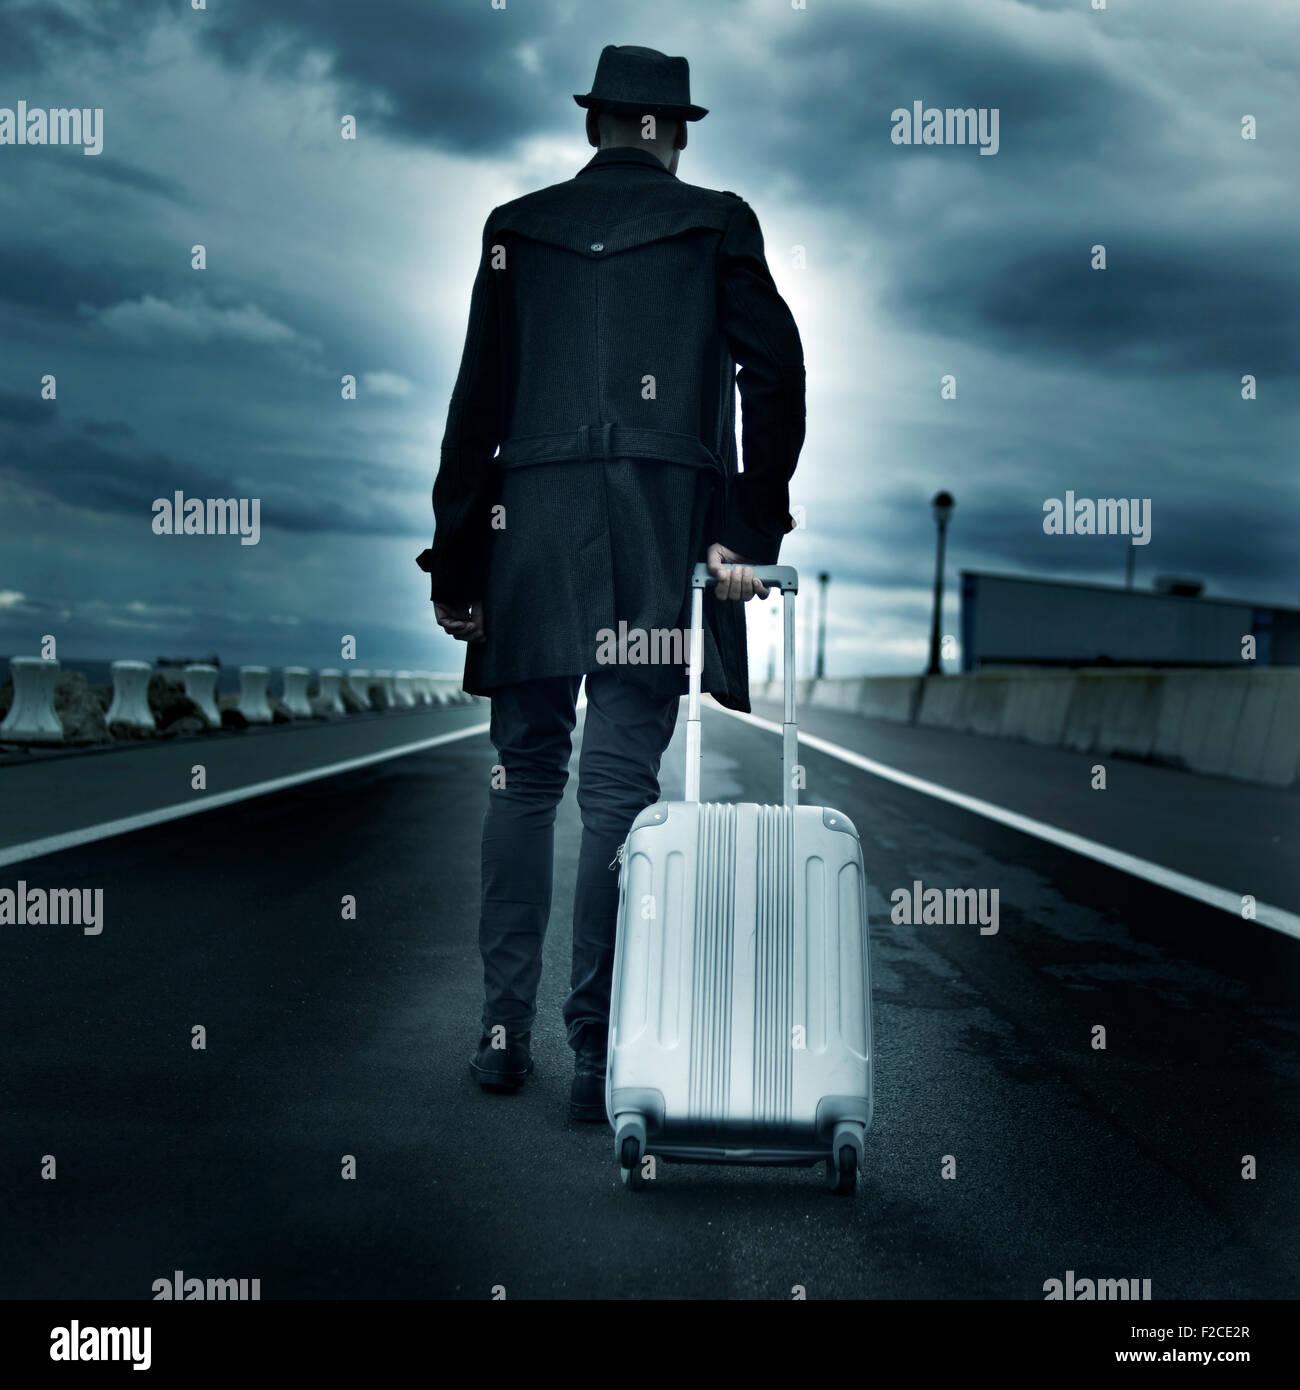 Nahaufnahme eines jungen Mannes gesehen von hinten mit seinem rollenden Koffer mit einem dramatischen Effekt Stockbild